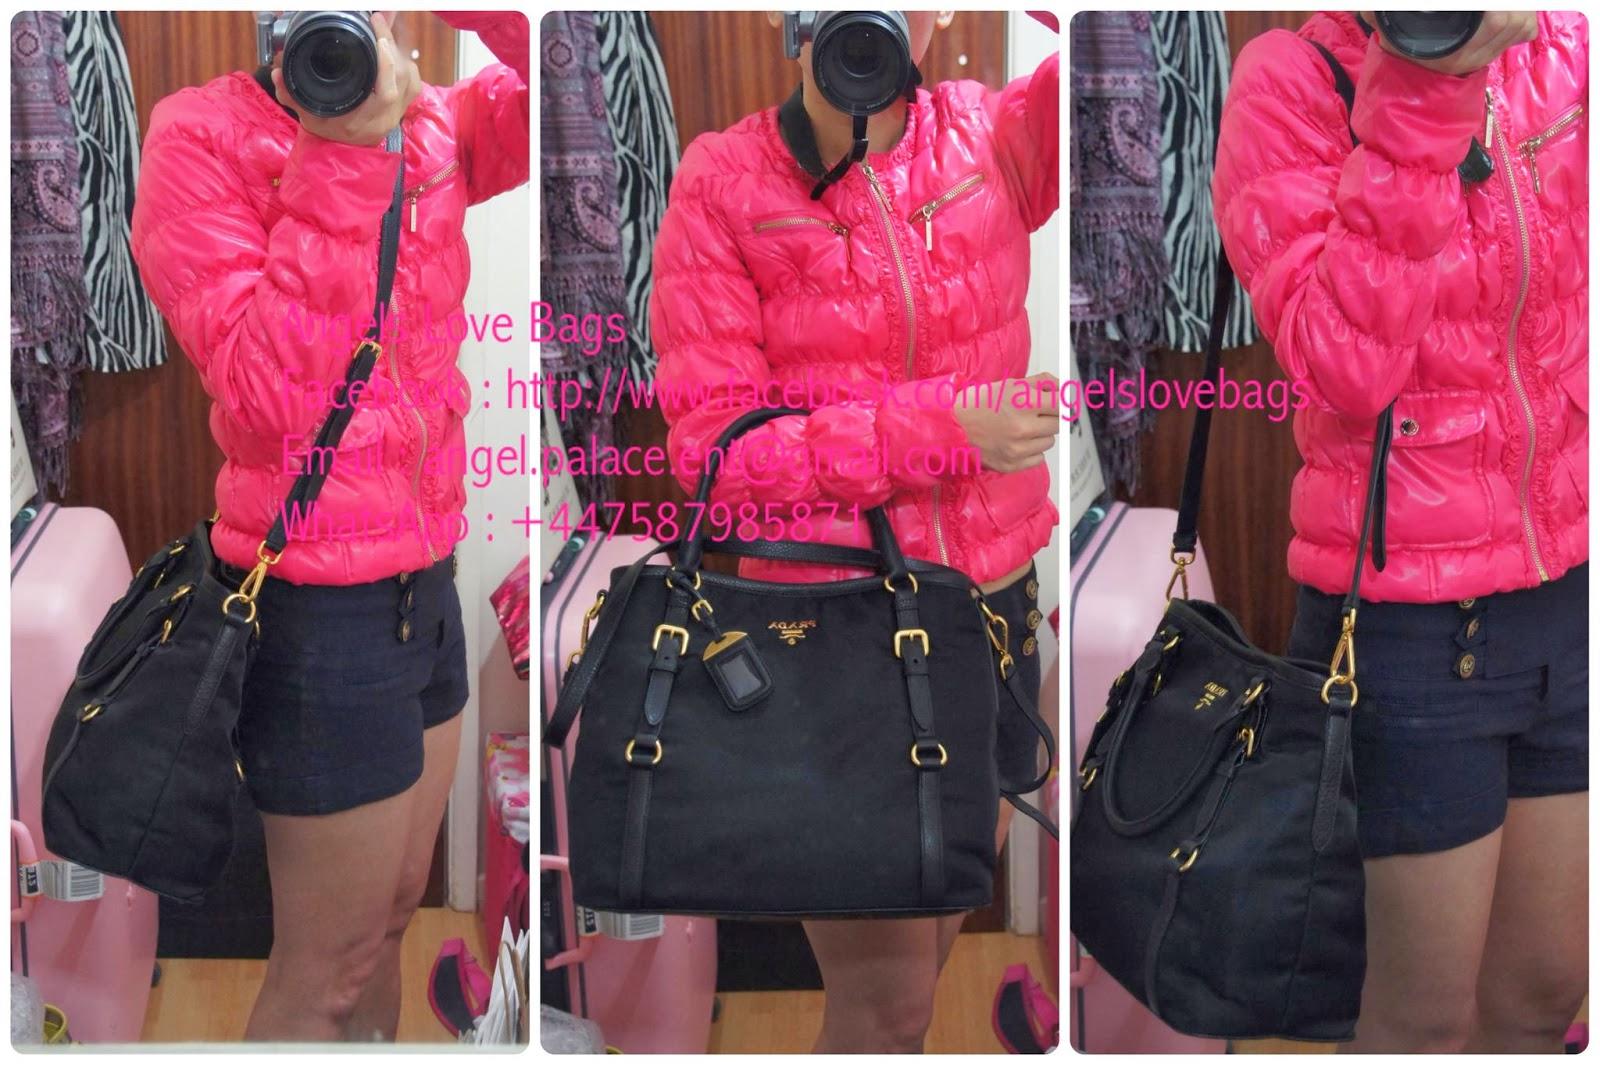 prada handbags grey - Angels Love Bags - The Fashion Buyer: ? PRADA Tessuto + Vitello ...